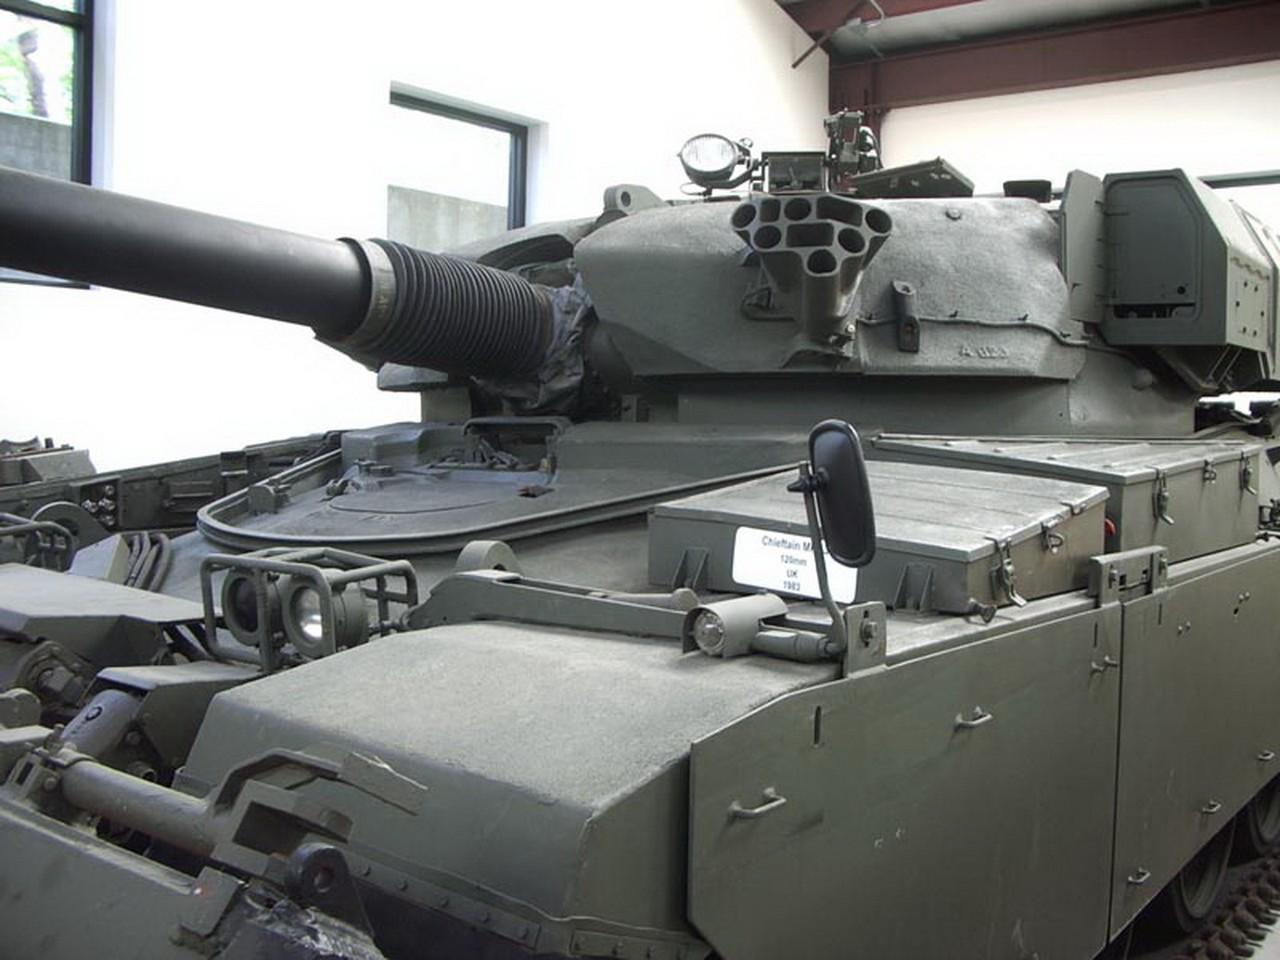 Jefe Mk11